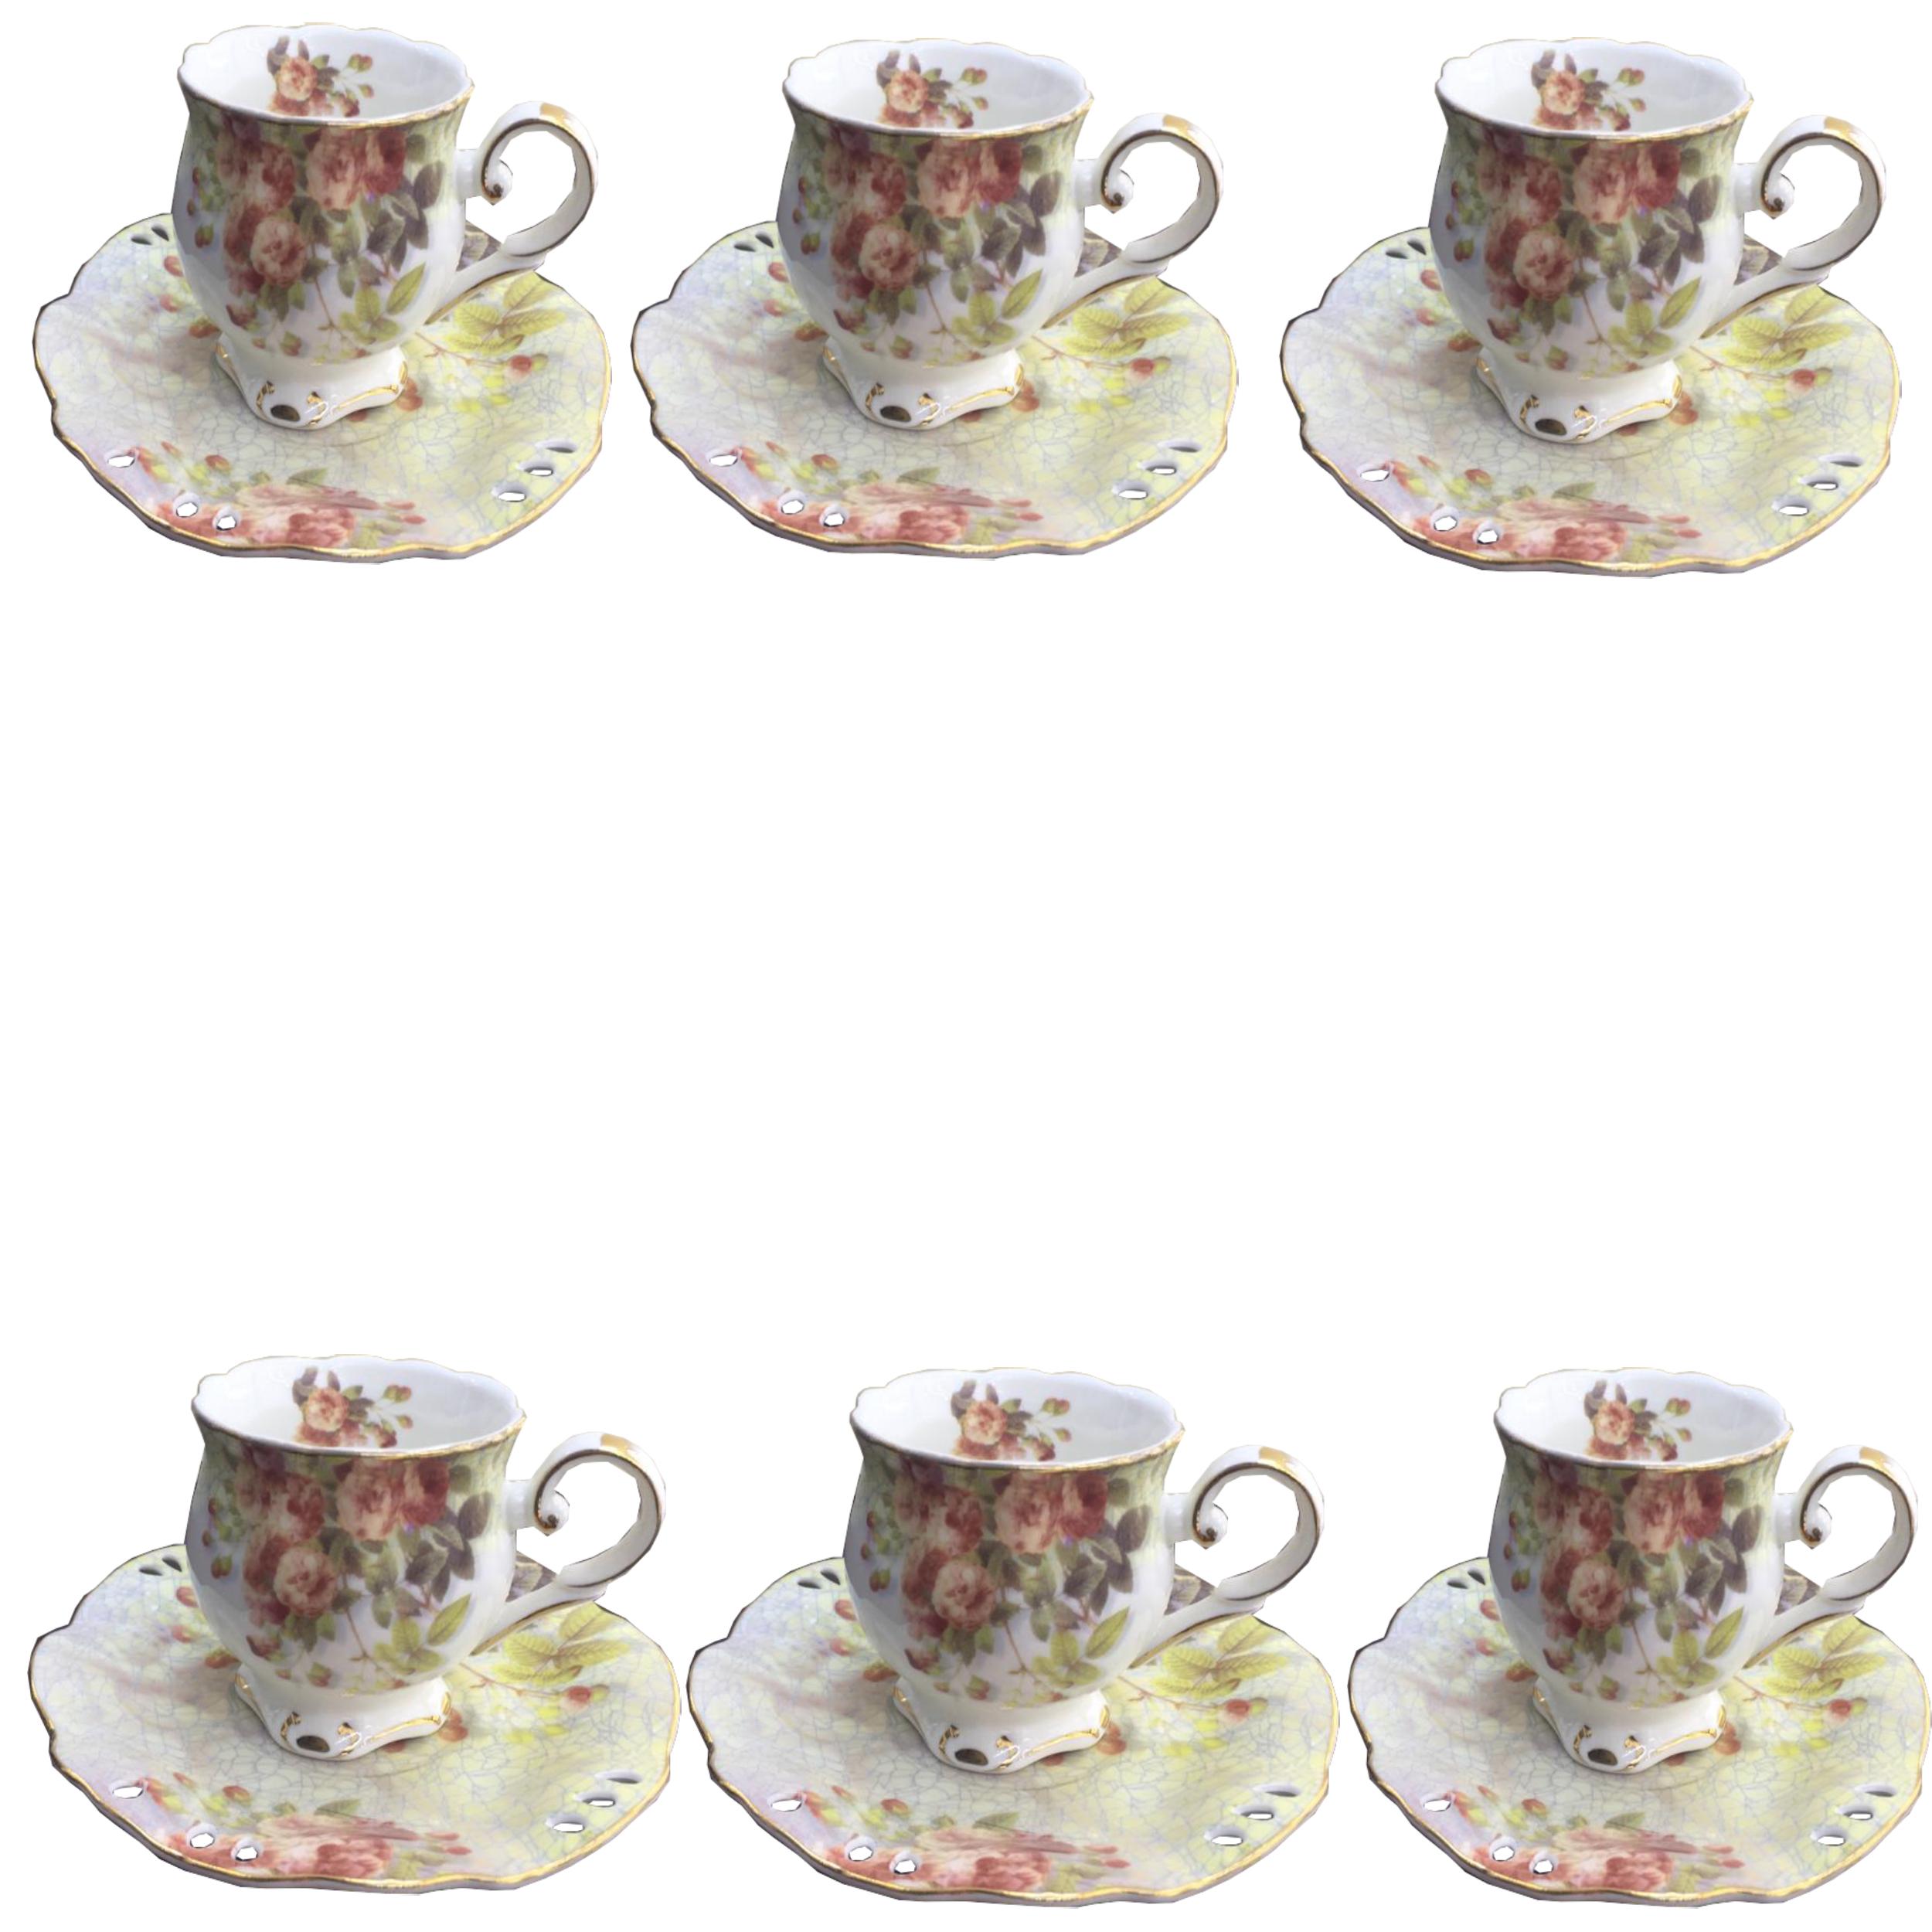 عکس سرویس چای خوری 12 پارچه لمونژ  کد cr 72